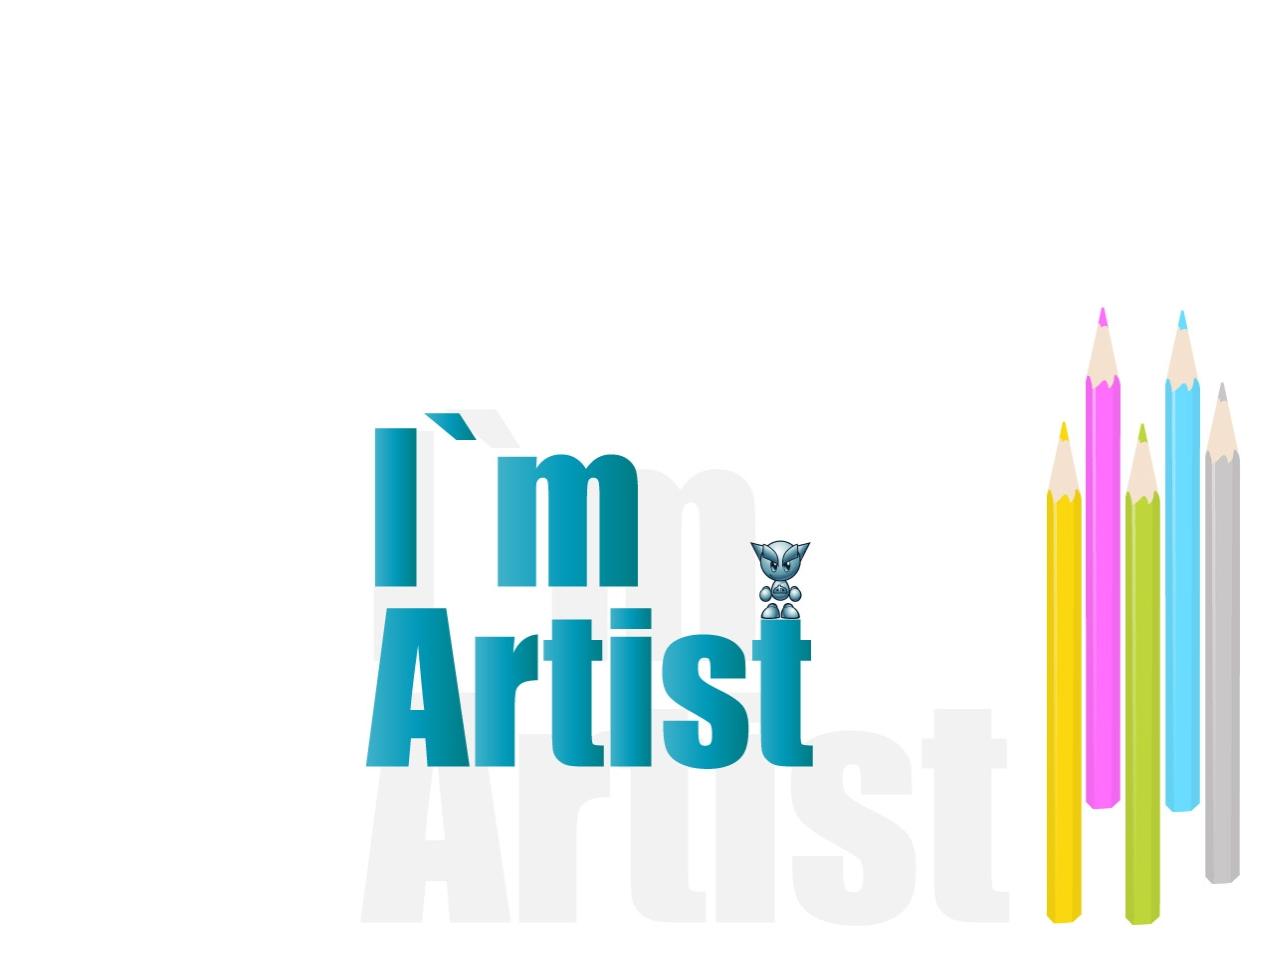 Artist Wallpaper